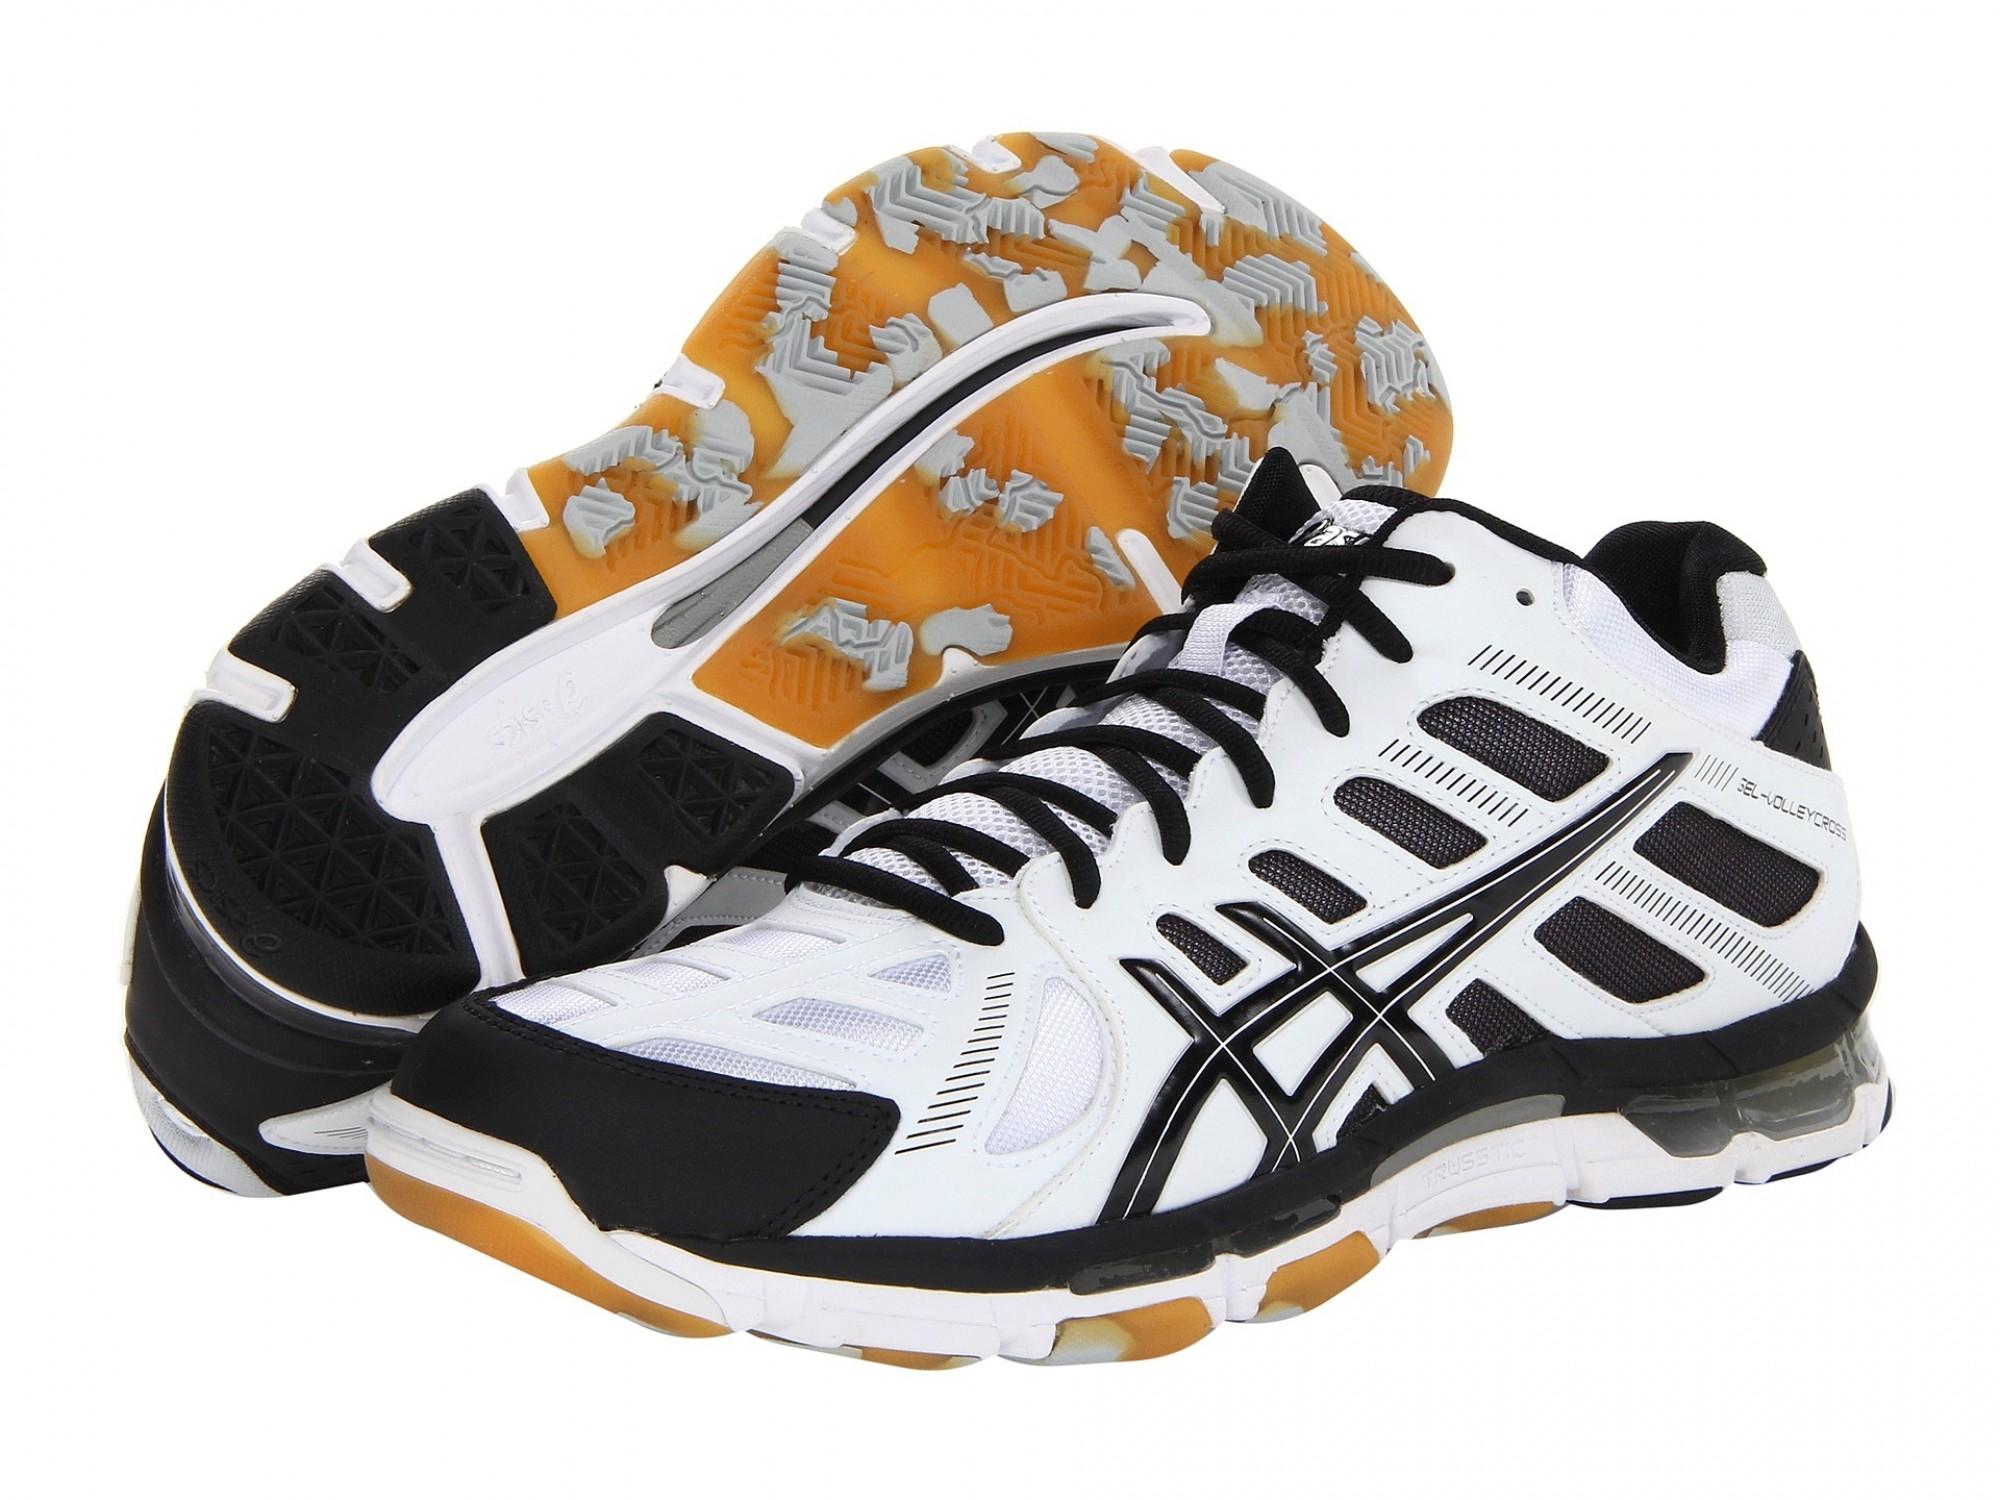 Asics GEL-Volleycross® Revolution MT Волейбольные кроссовки купить в ... 7b995ffa512ee